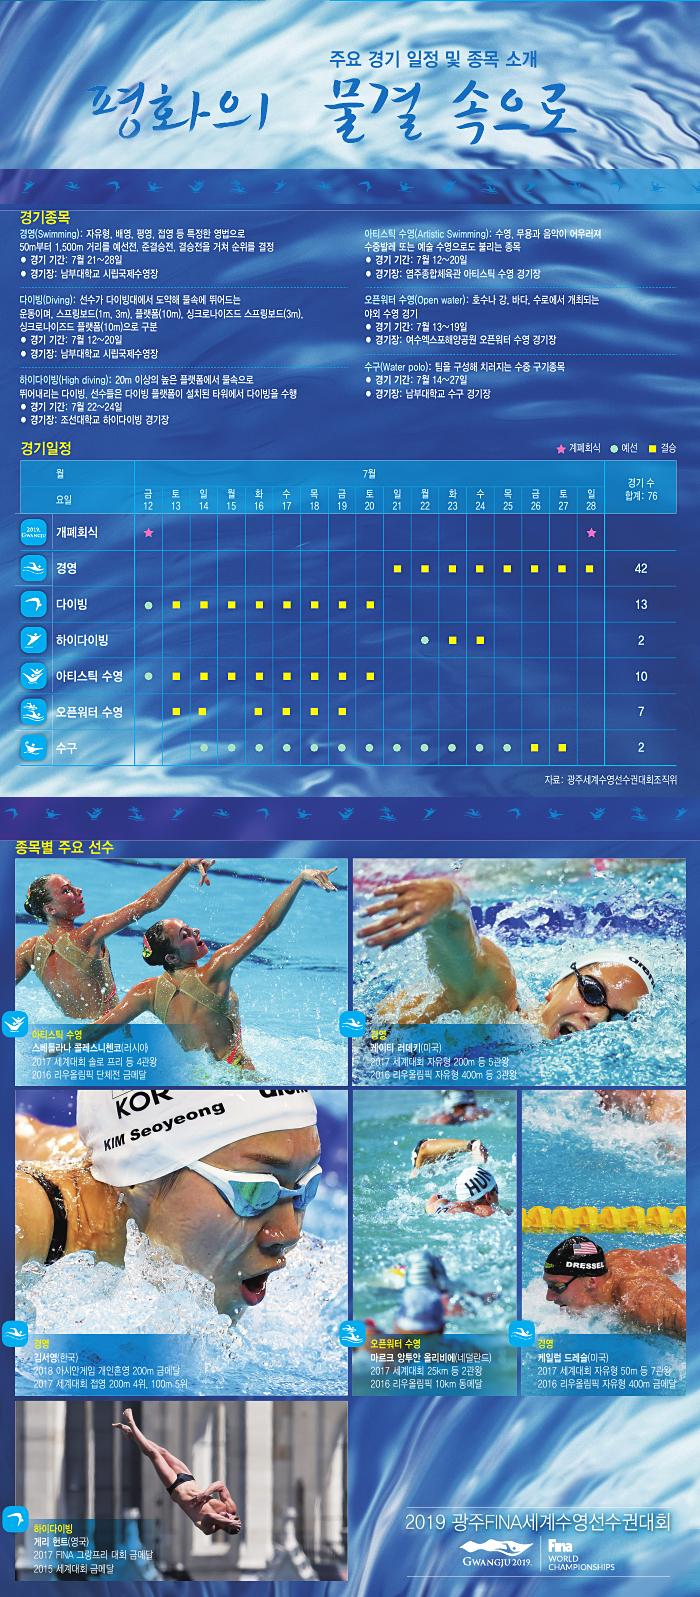 광주수영대회, 한눈에 보는 경기 일정·종목별 주요 선수